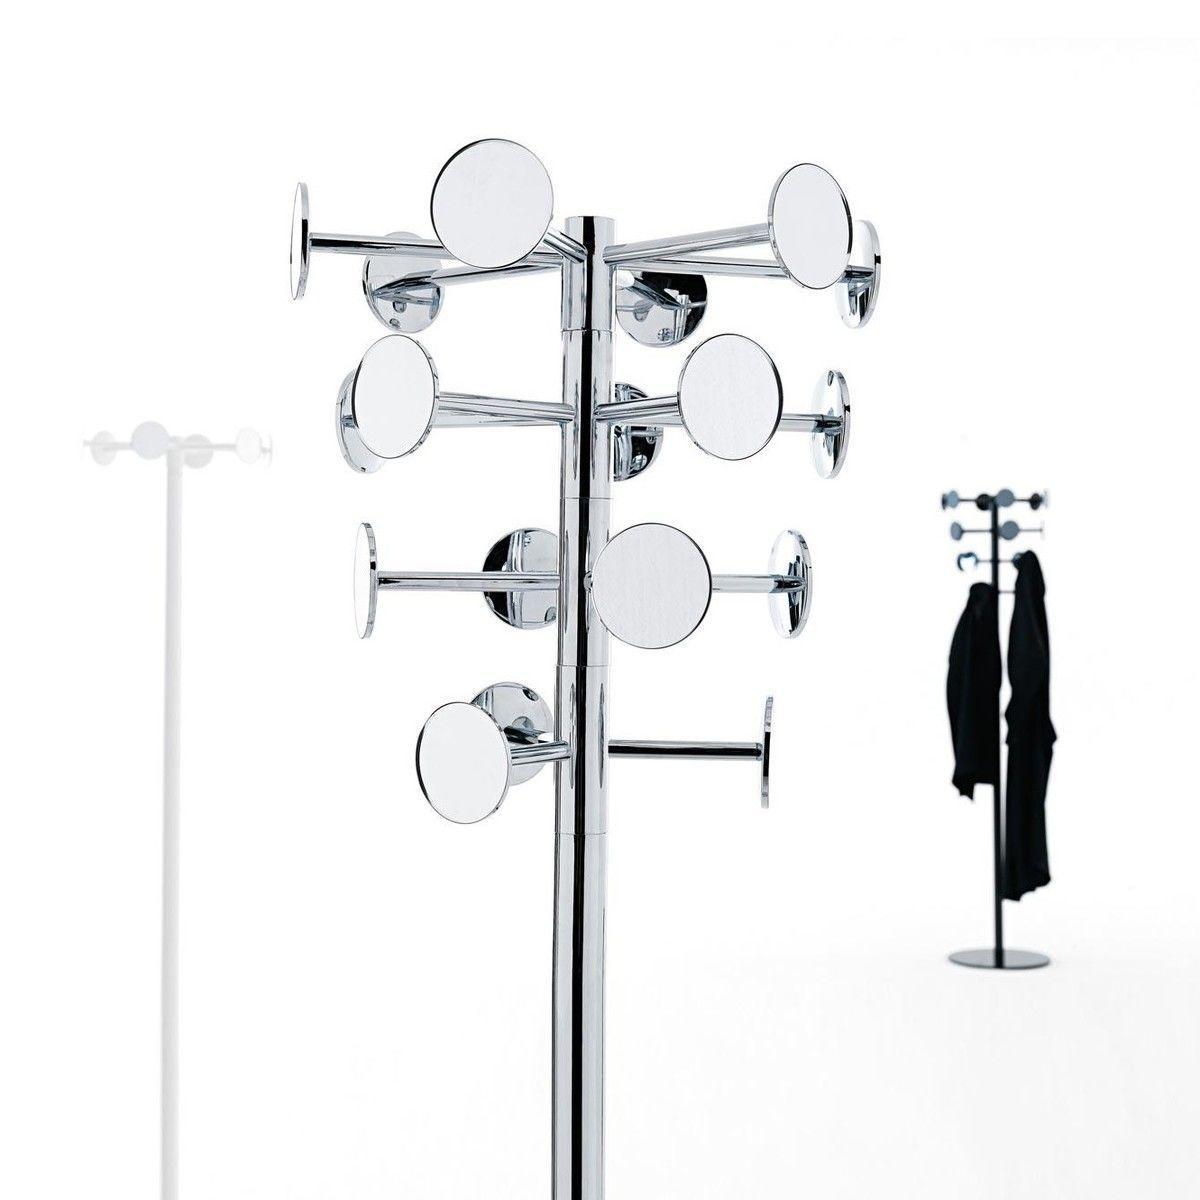 chaperon kleiderst nder mit spiegel opinion ciatti. Black Bedroom Furniture Sets. Home Design Ideas